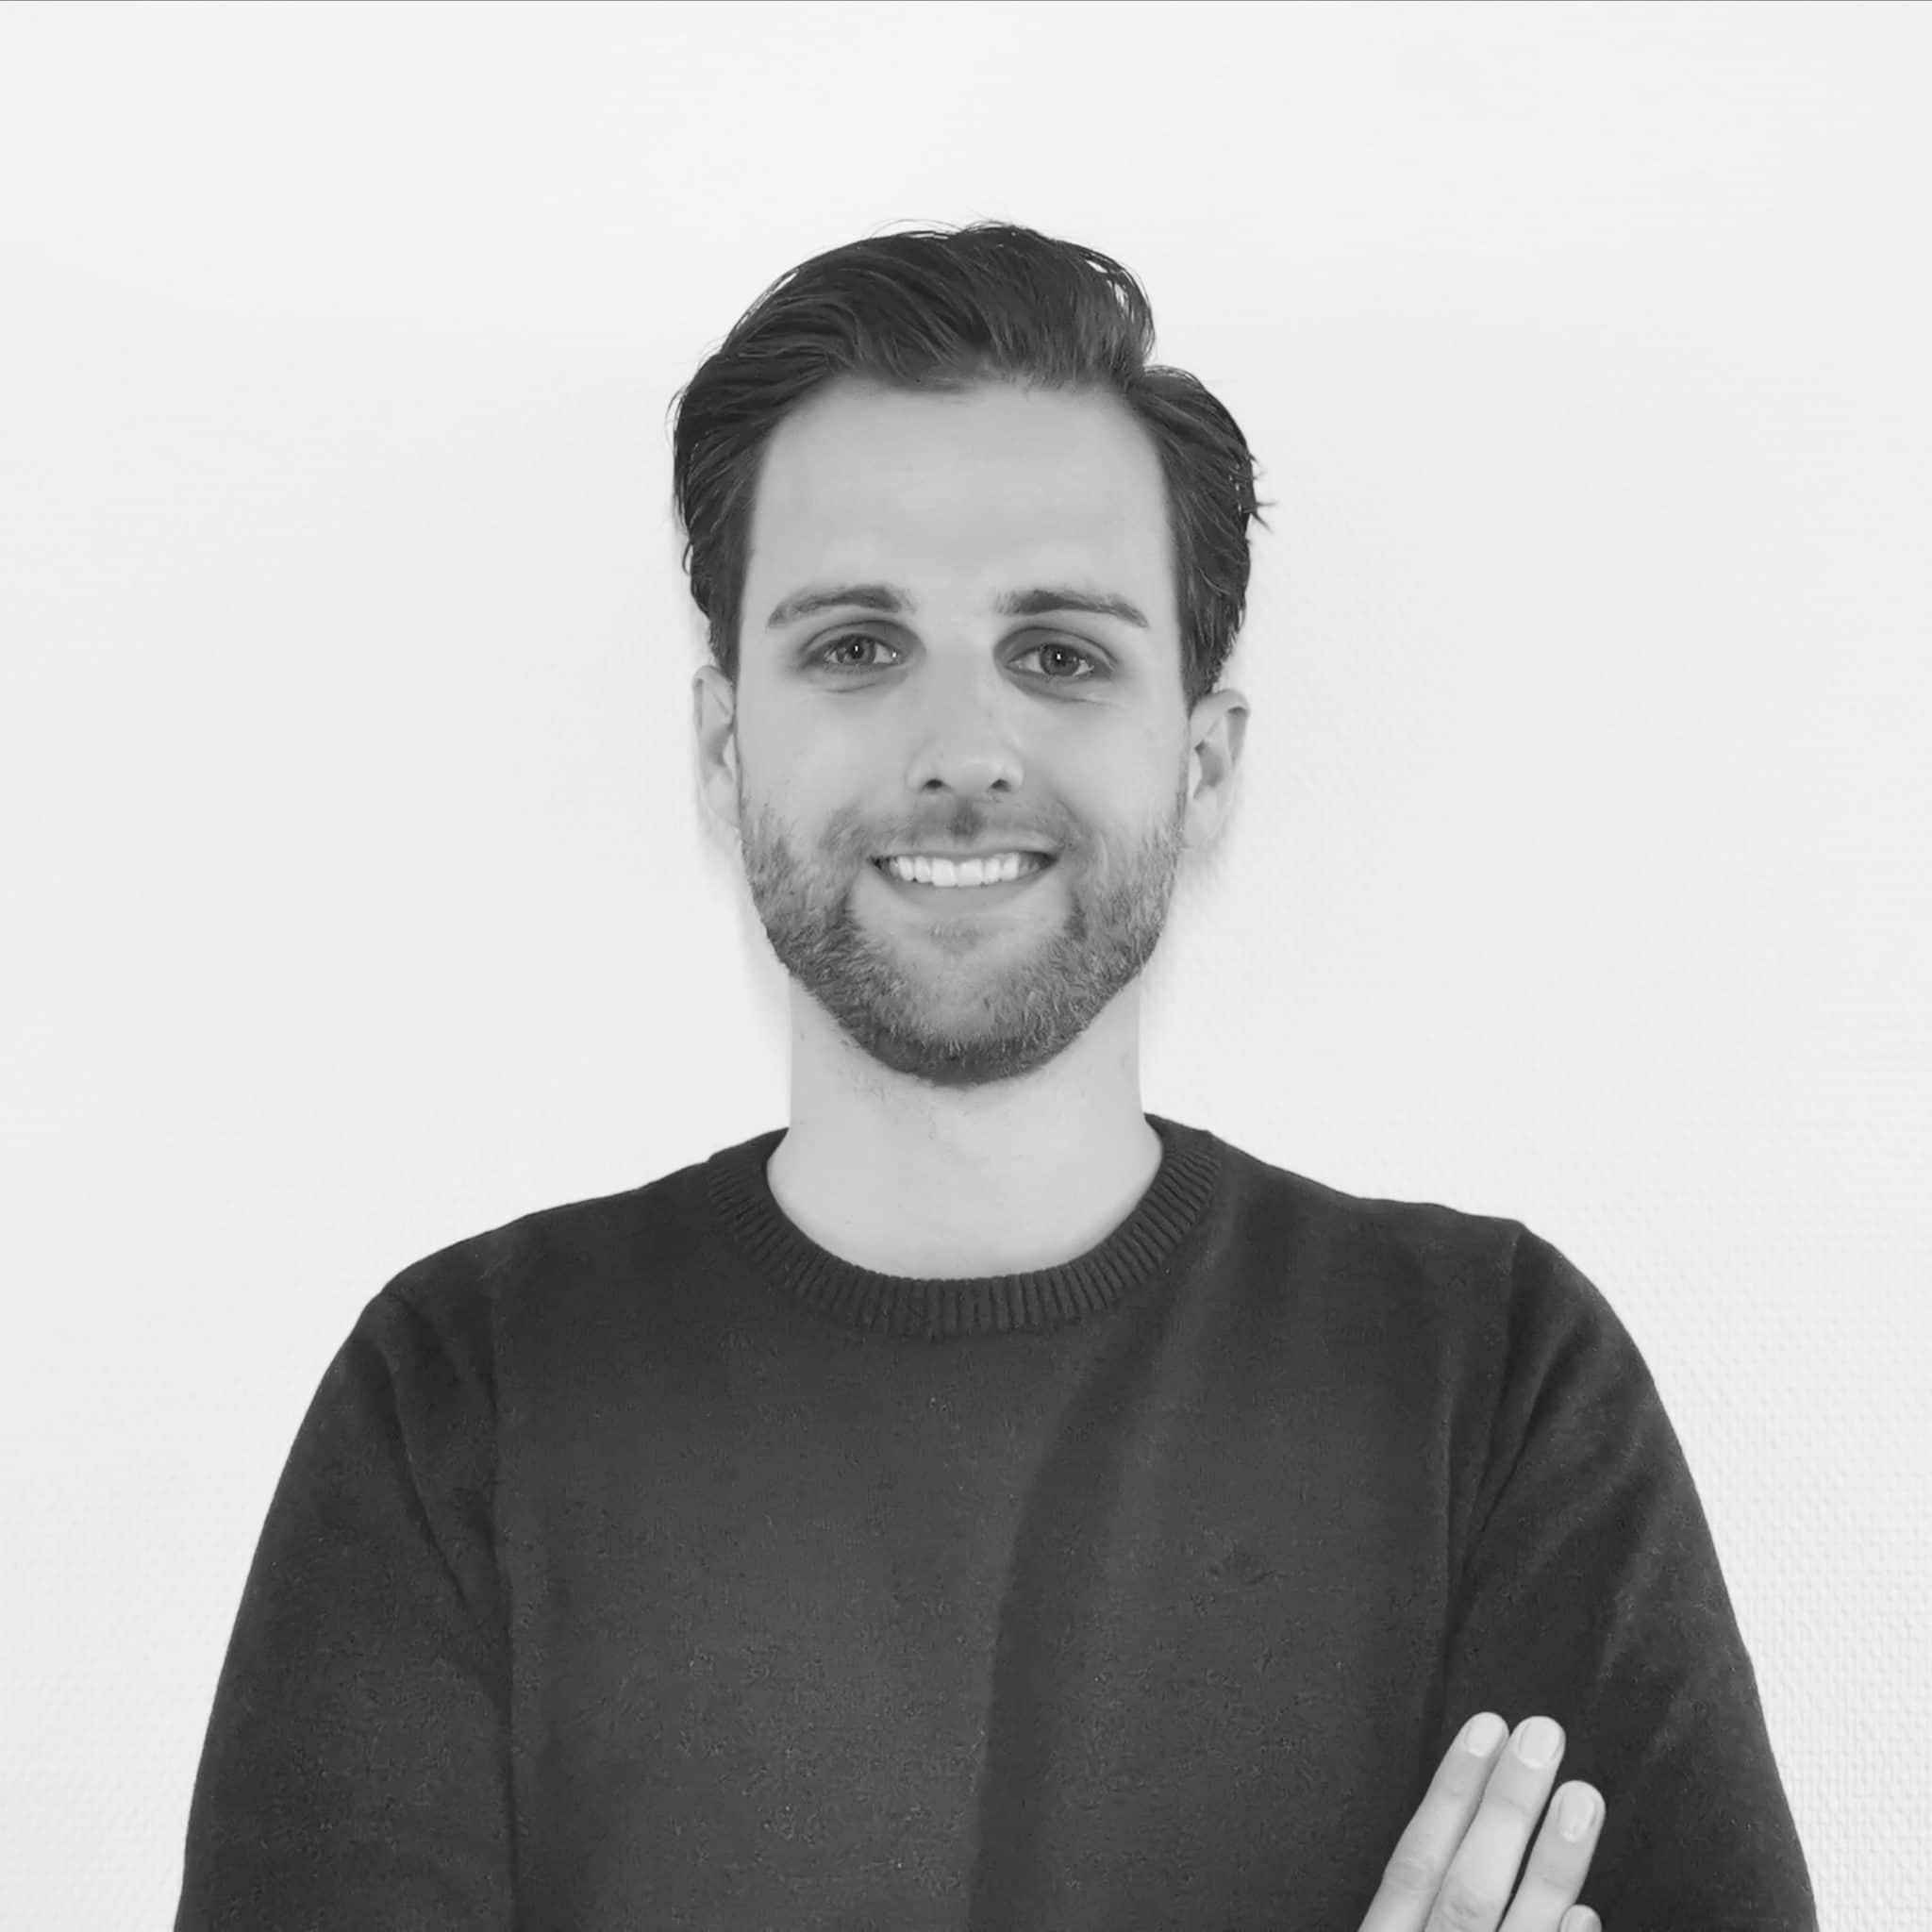 Niek Franken - Oprichter/Eigenaar Plennid